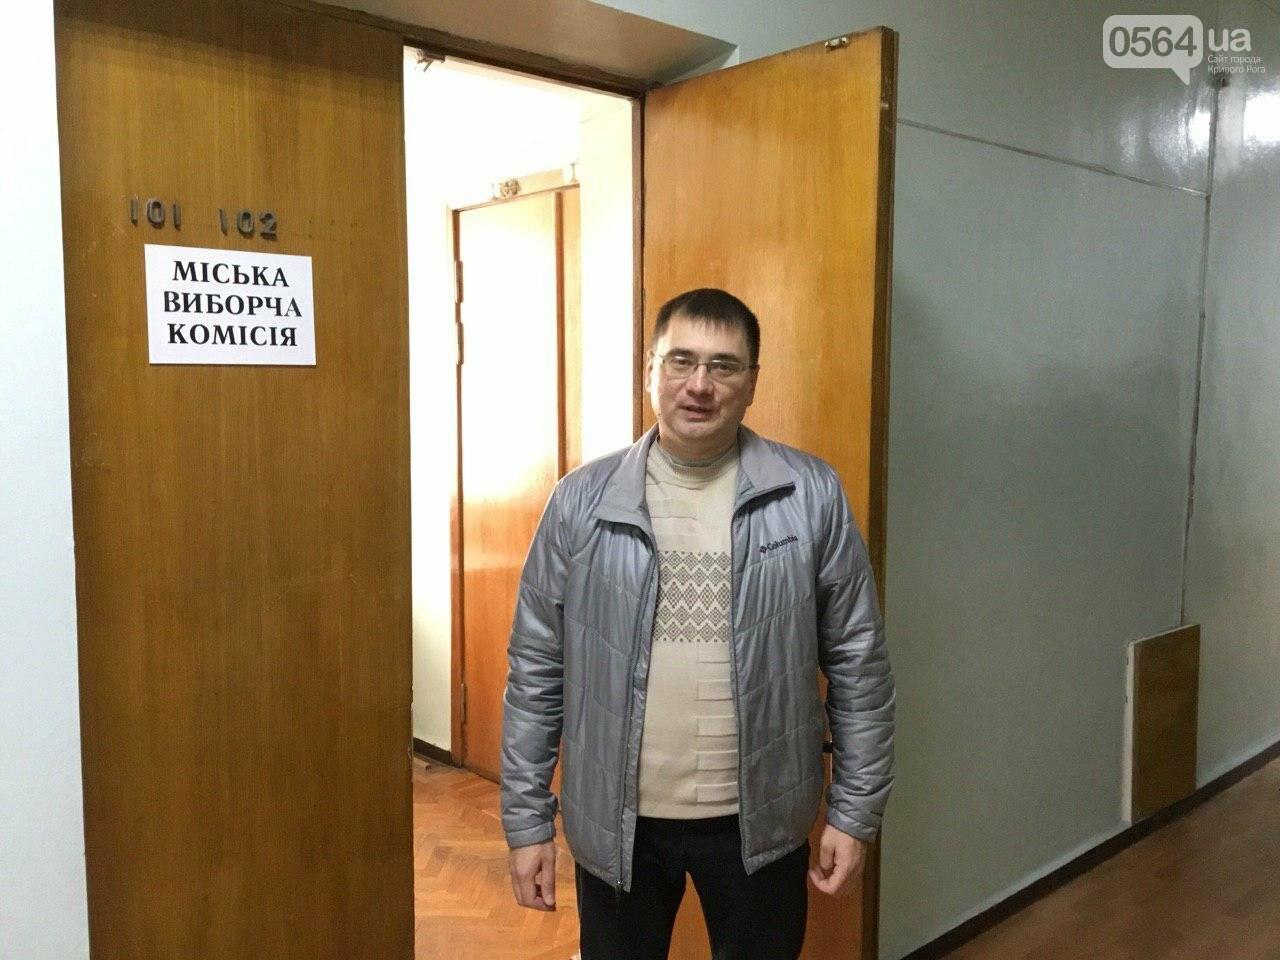 Стало известно, кто зайдет в Криворожский горсовет вместо депутата Михаила Карого, - ФОТО, фото-5